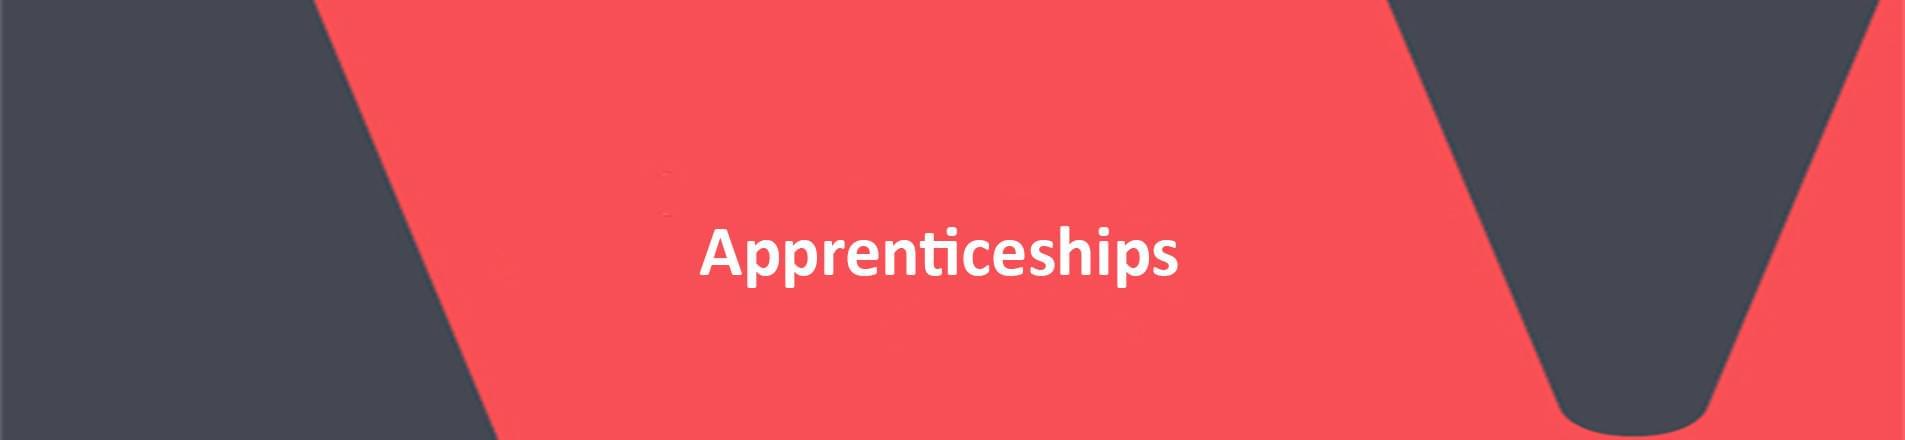 Apprenticeships.